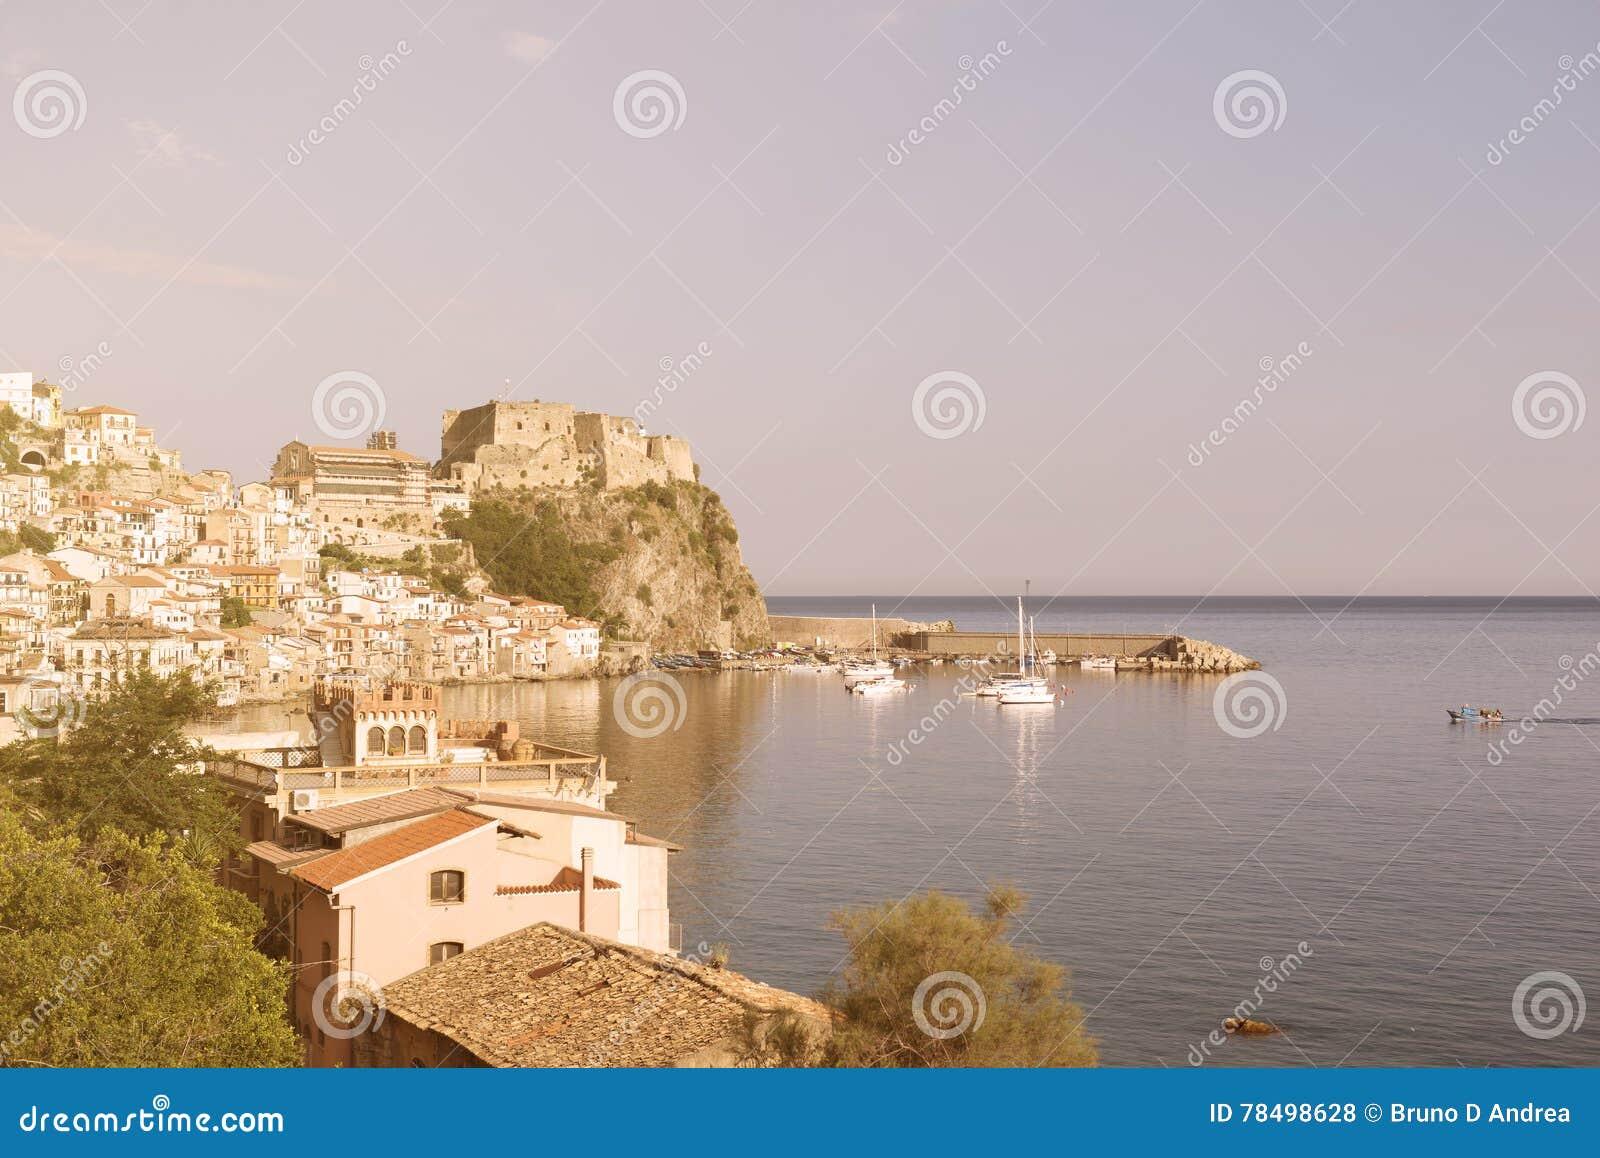 Small Calabrian town Scilla near strait